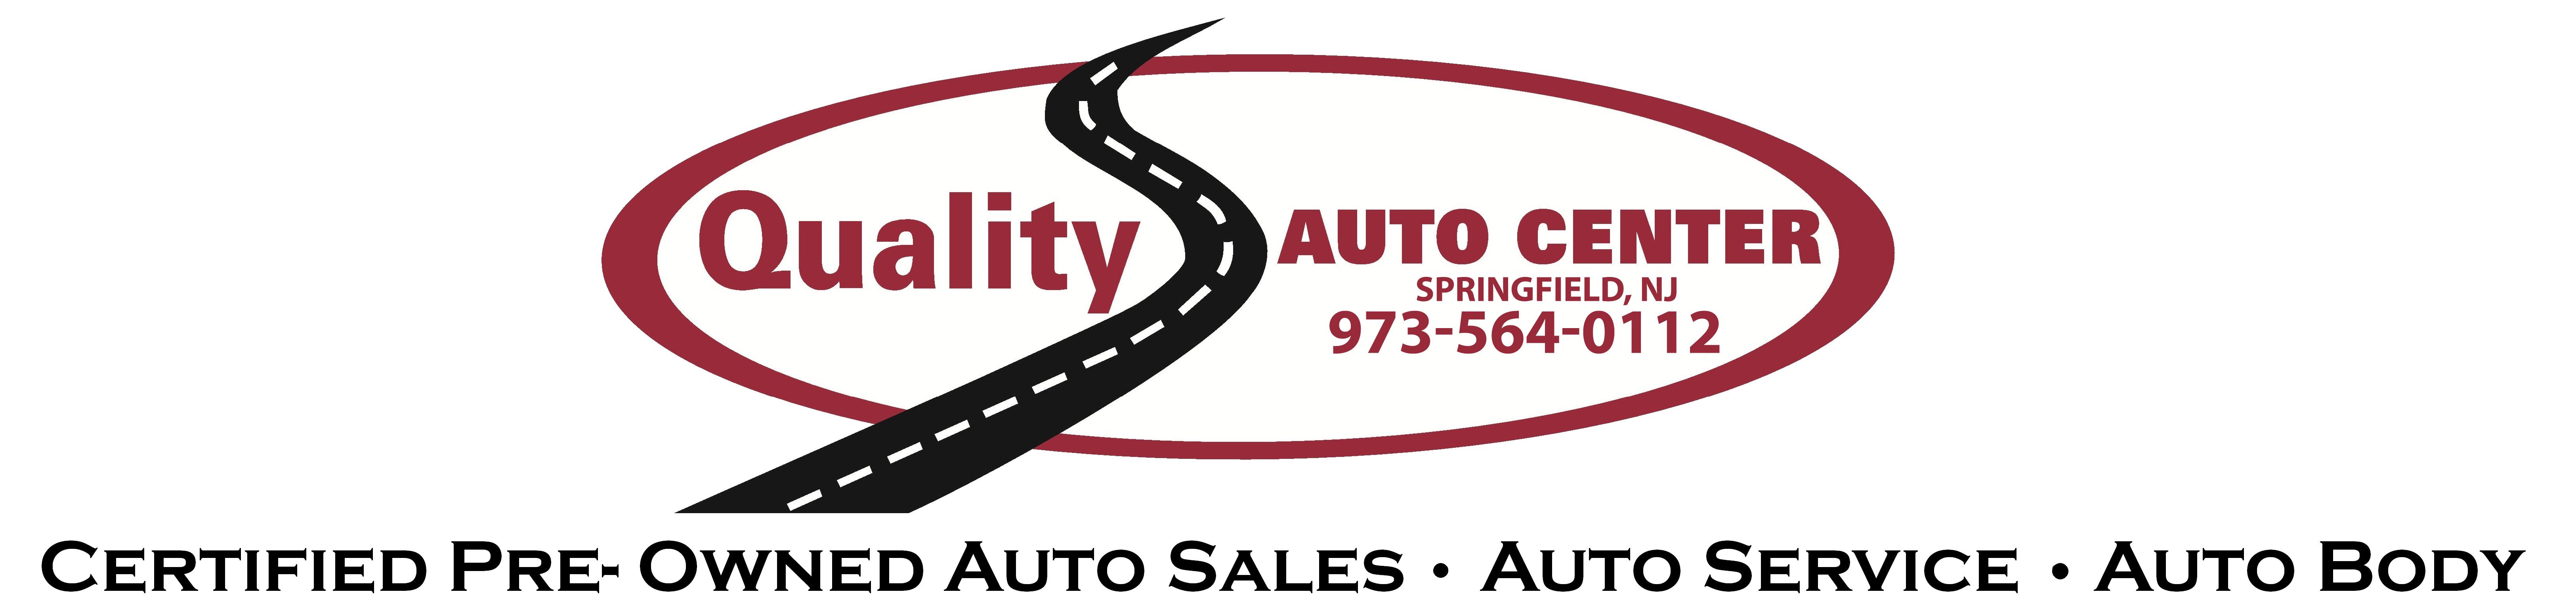 Quality Auto Center